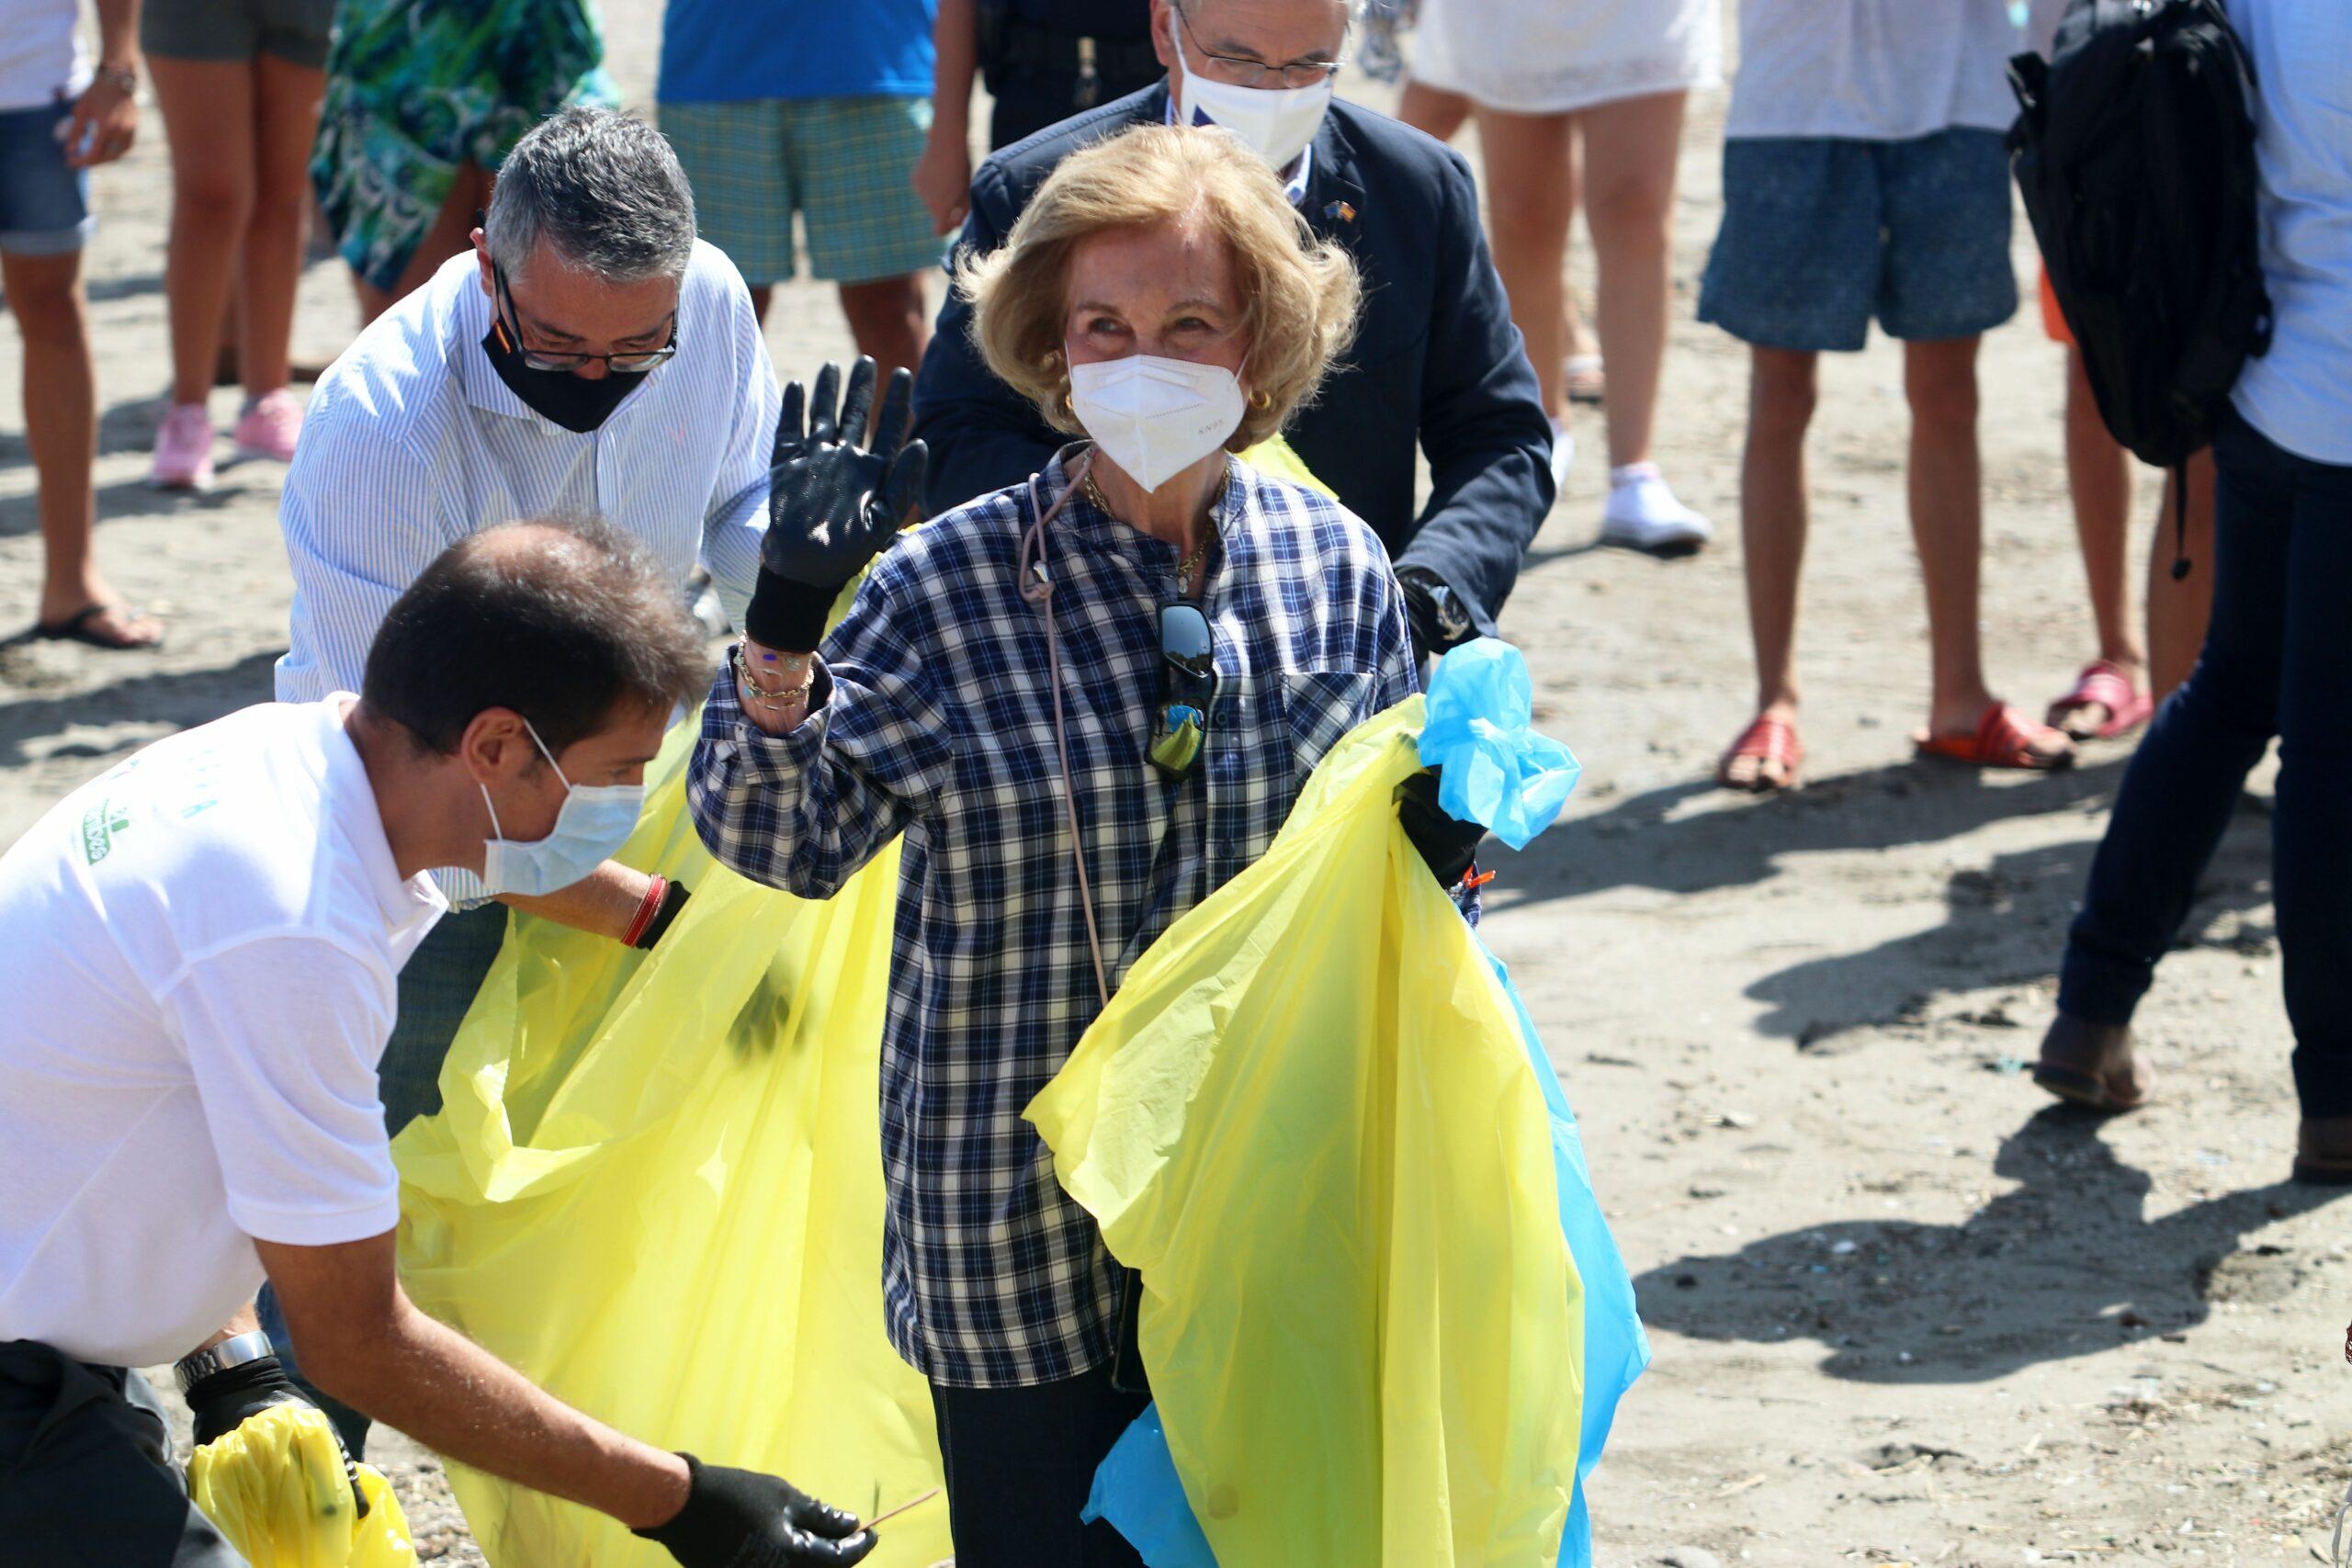 La reina Sofia participa en la neteja de platges   Europa Press